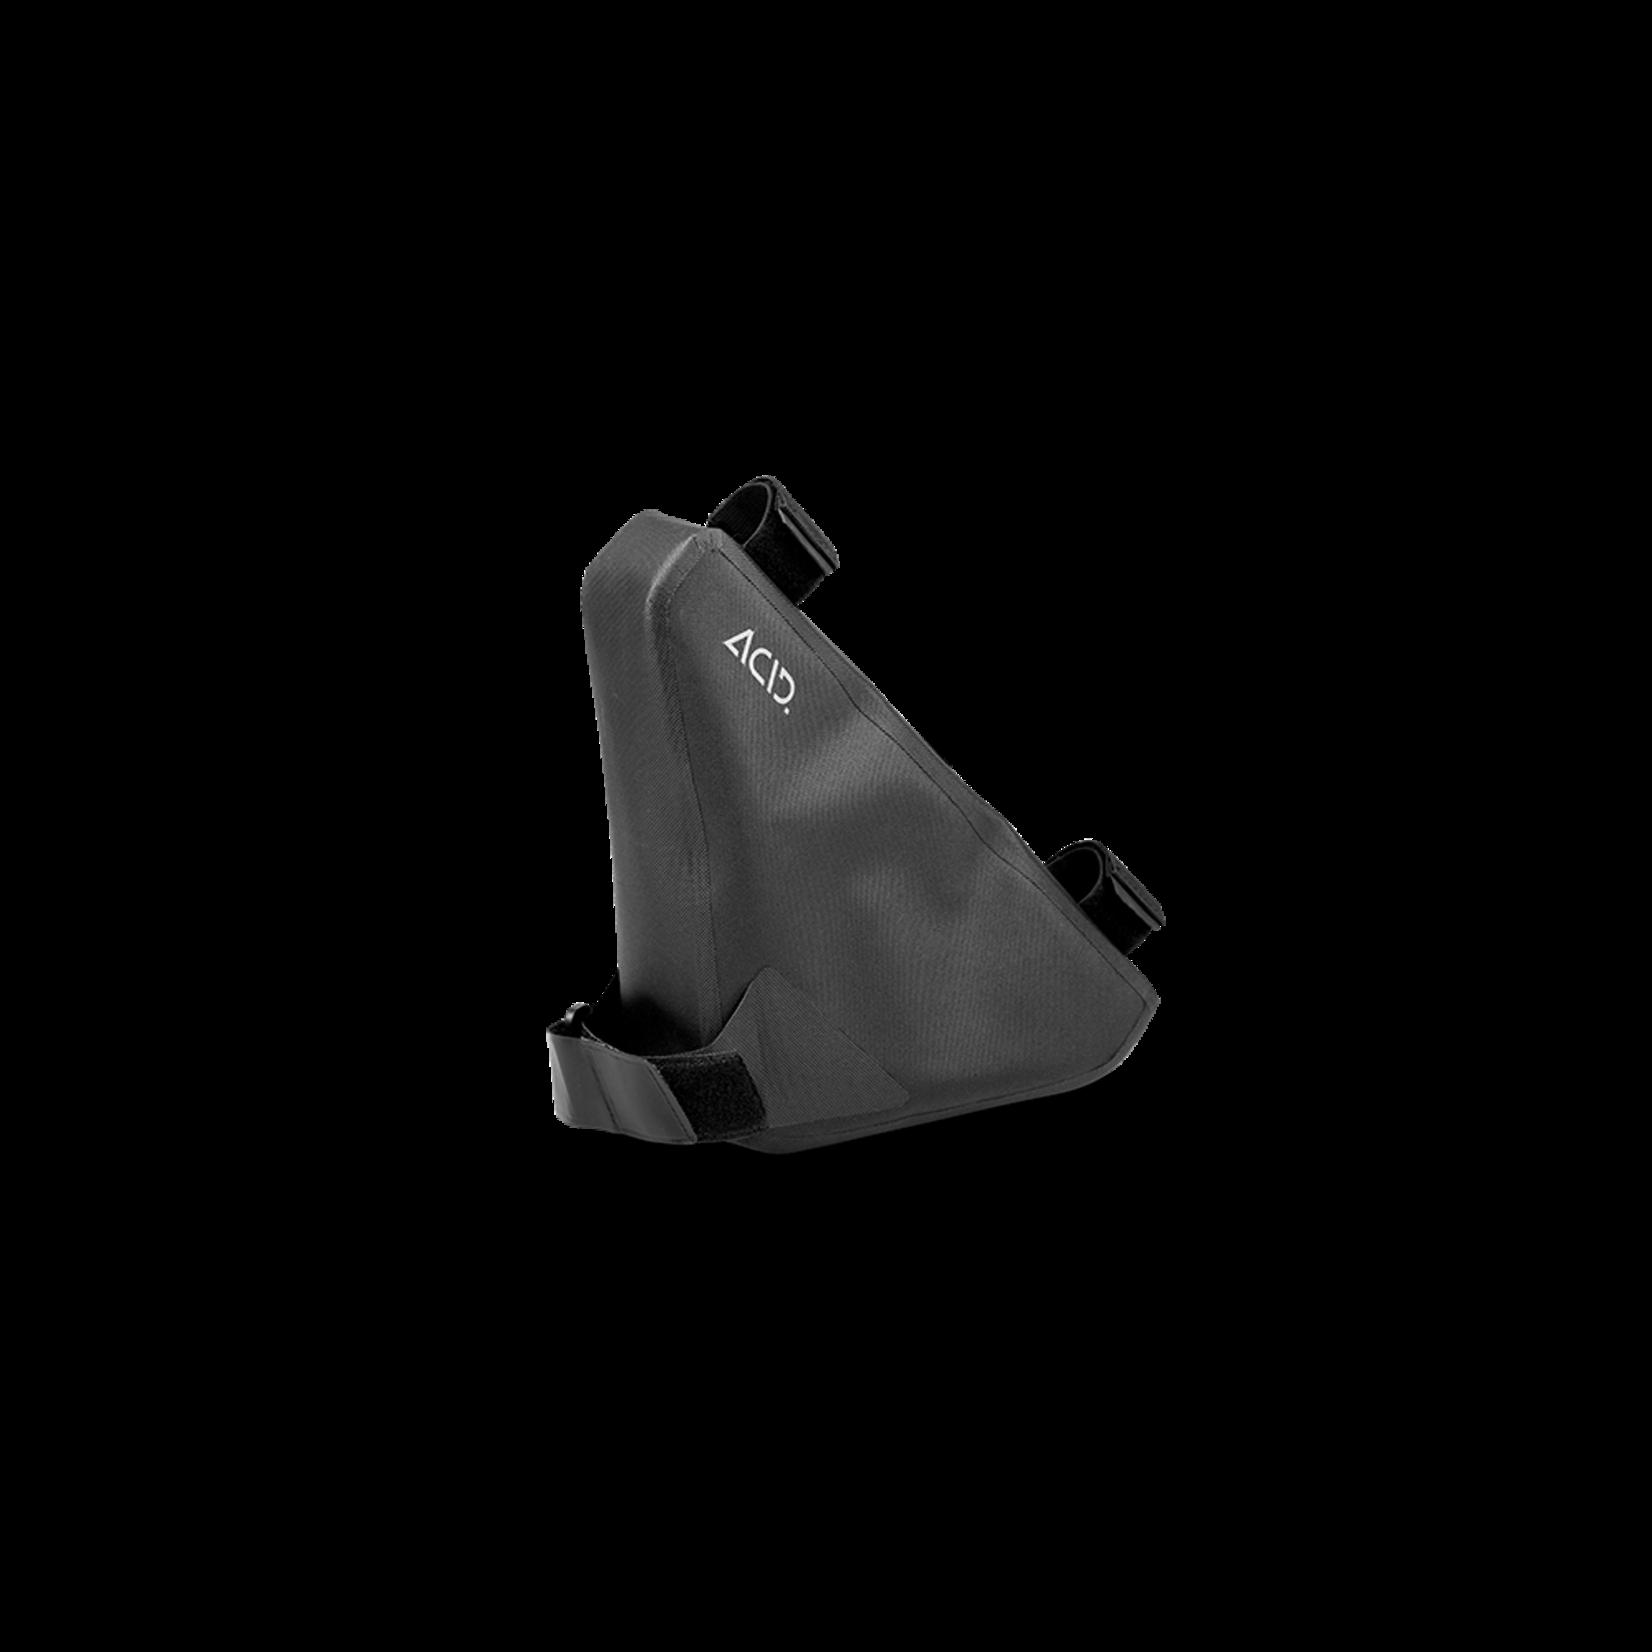 ACID ACID frame bag 4 - black